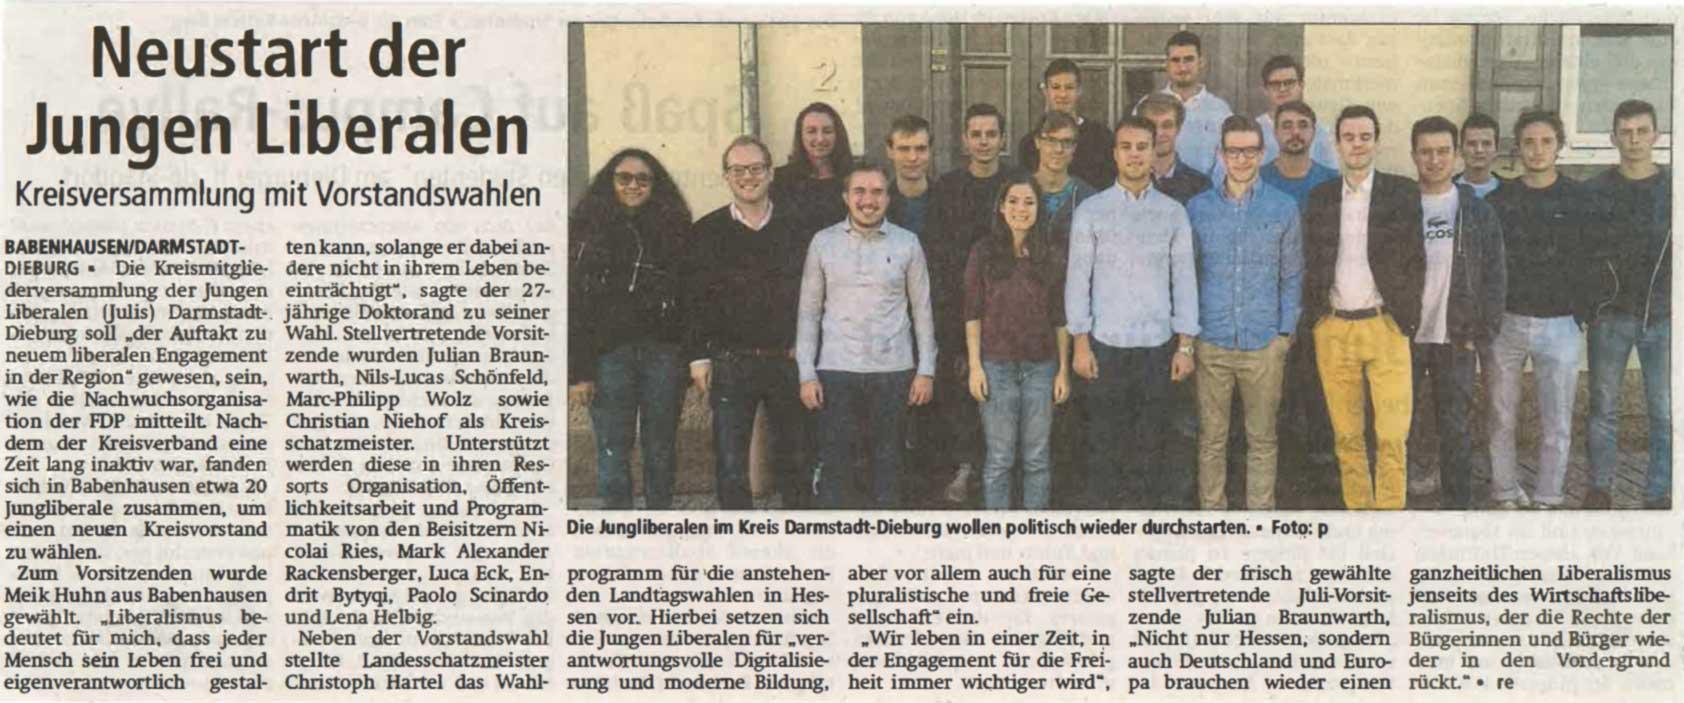 Zeitungsartikel der Offenbach Post vom 25.10.2018 mit der Überschrift: Neustart der Jungen Liberalen